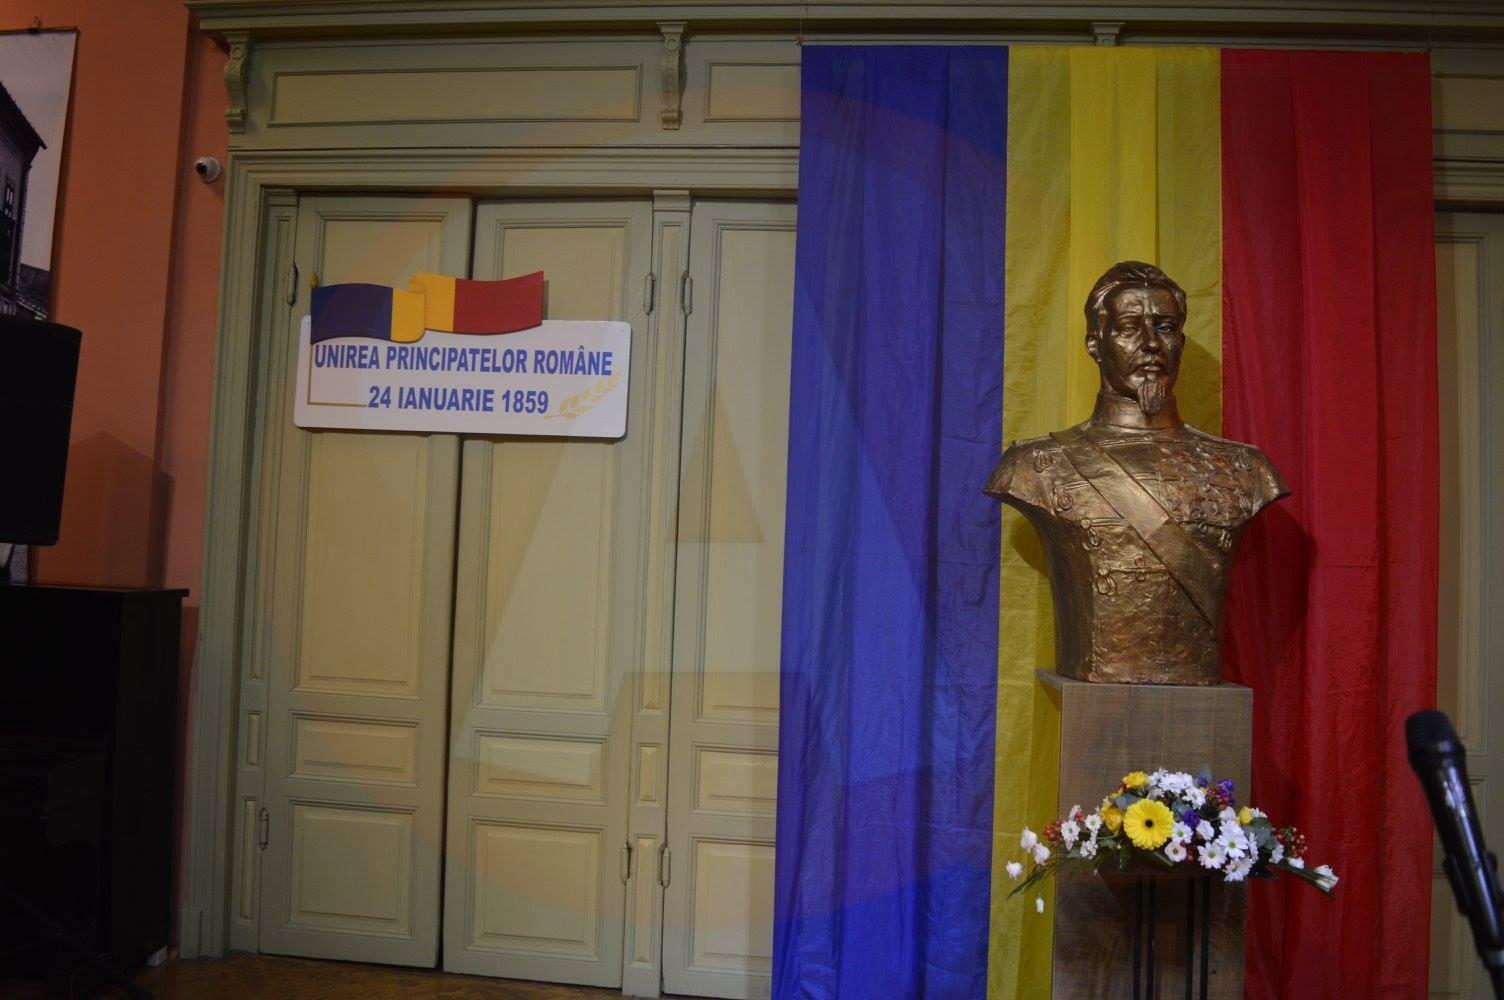 Primăria Călărași organizează manifestări dedicate împlinirii a 160 de ani de la Unirea Principatelor Române